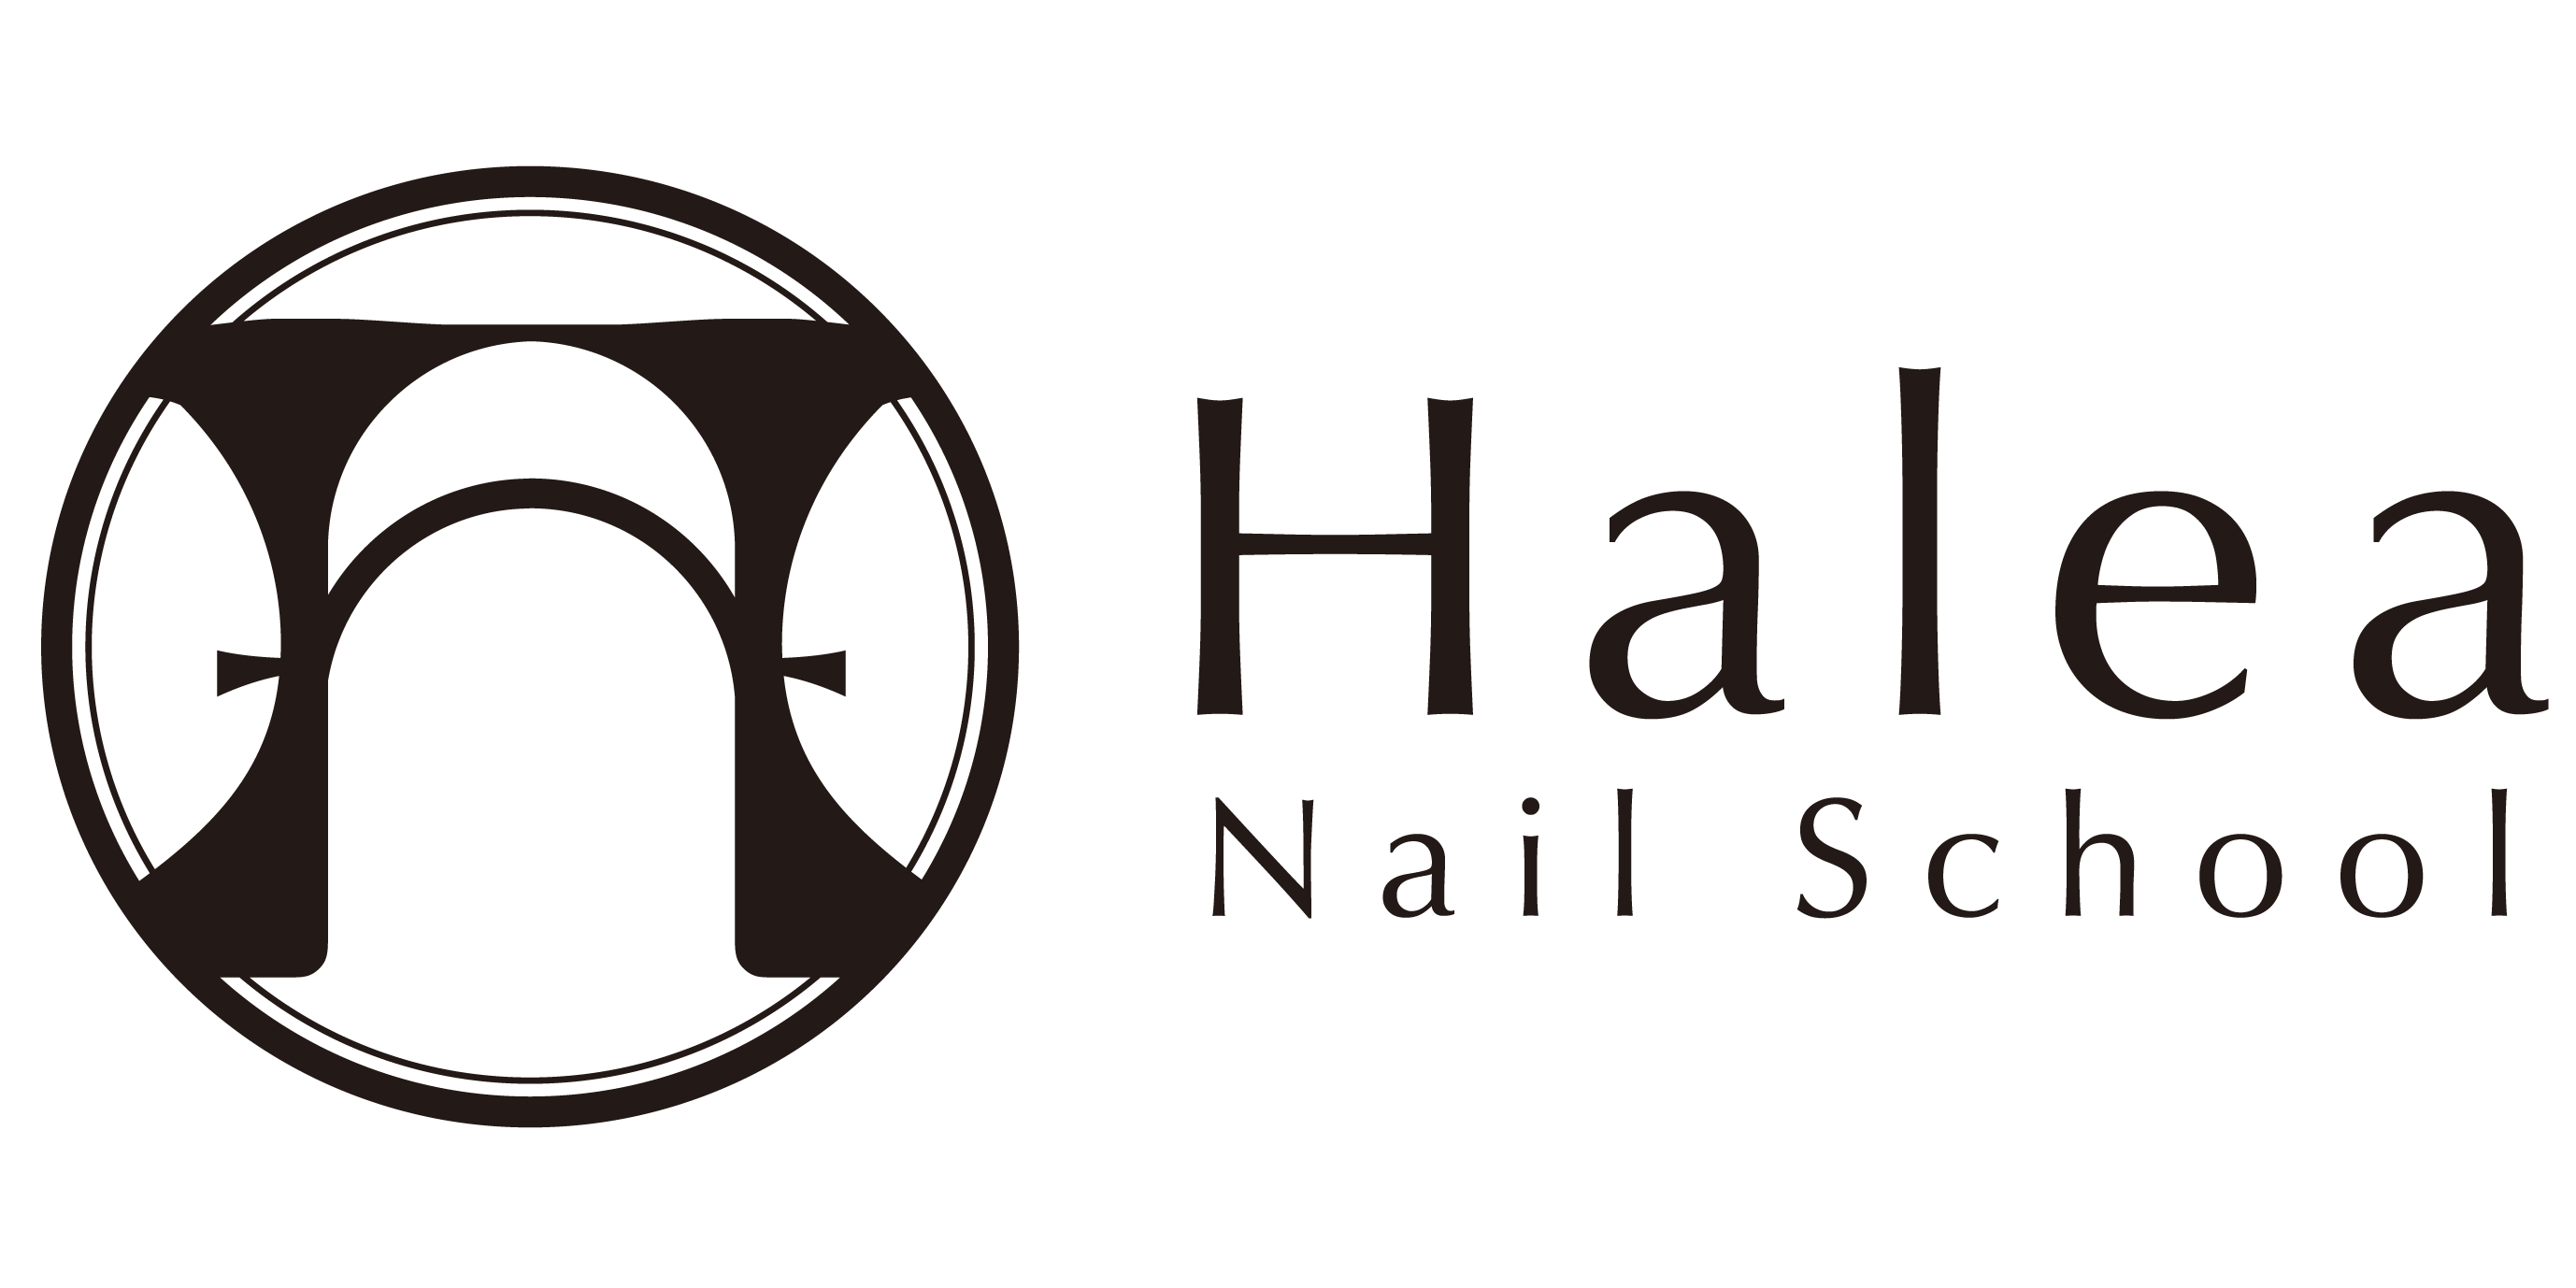 Halea(ハレア) 力武あこ 神奈川県大和市ネイルサロン&ネイルスクール